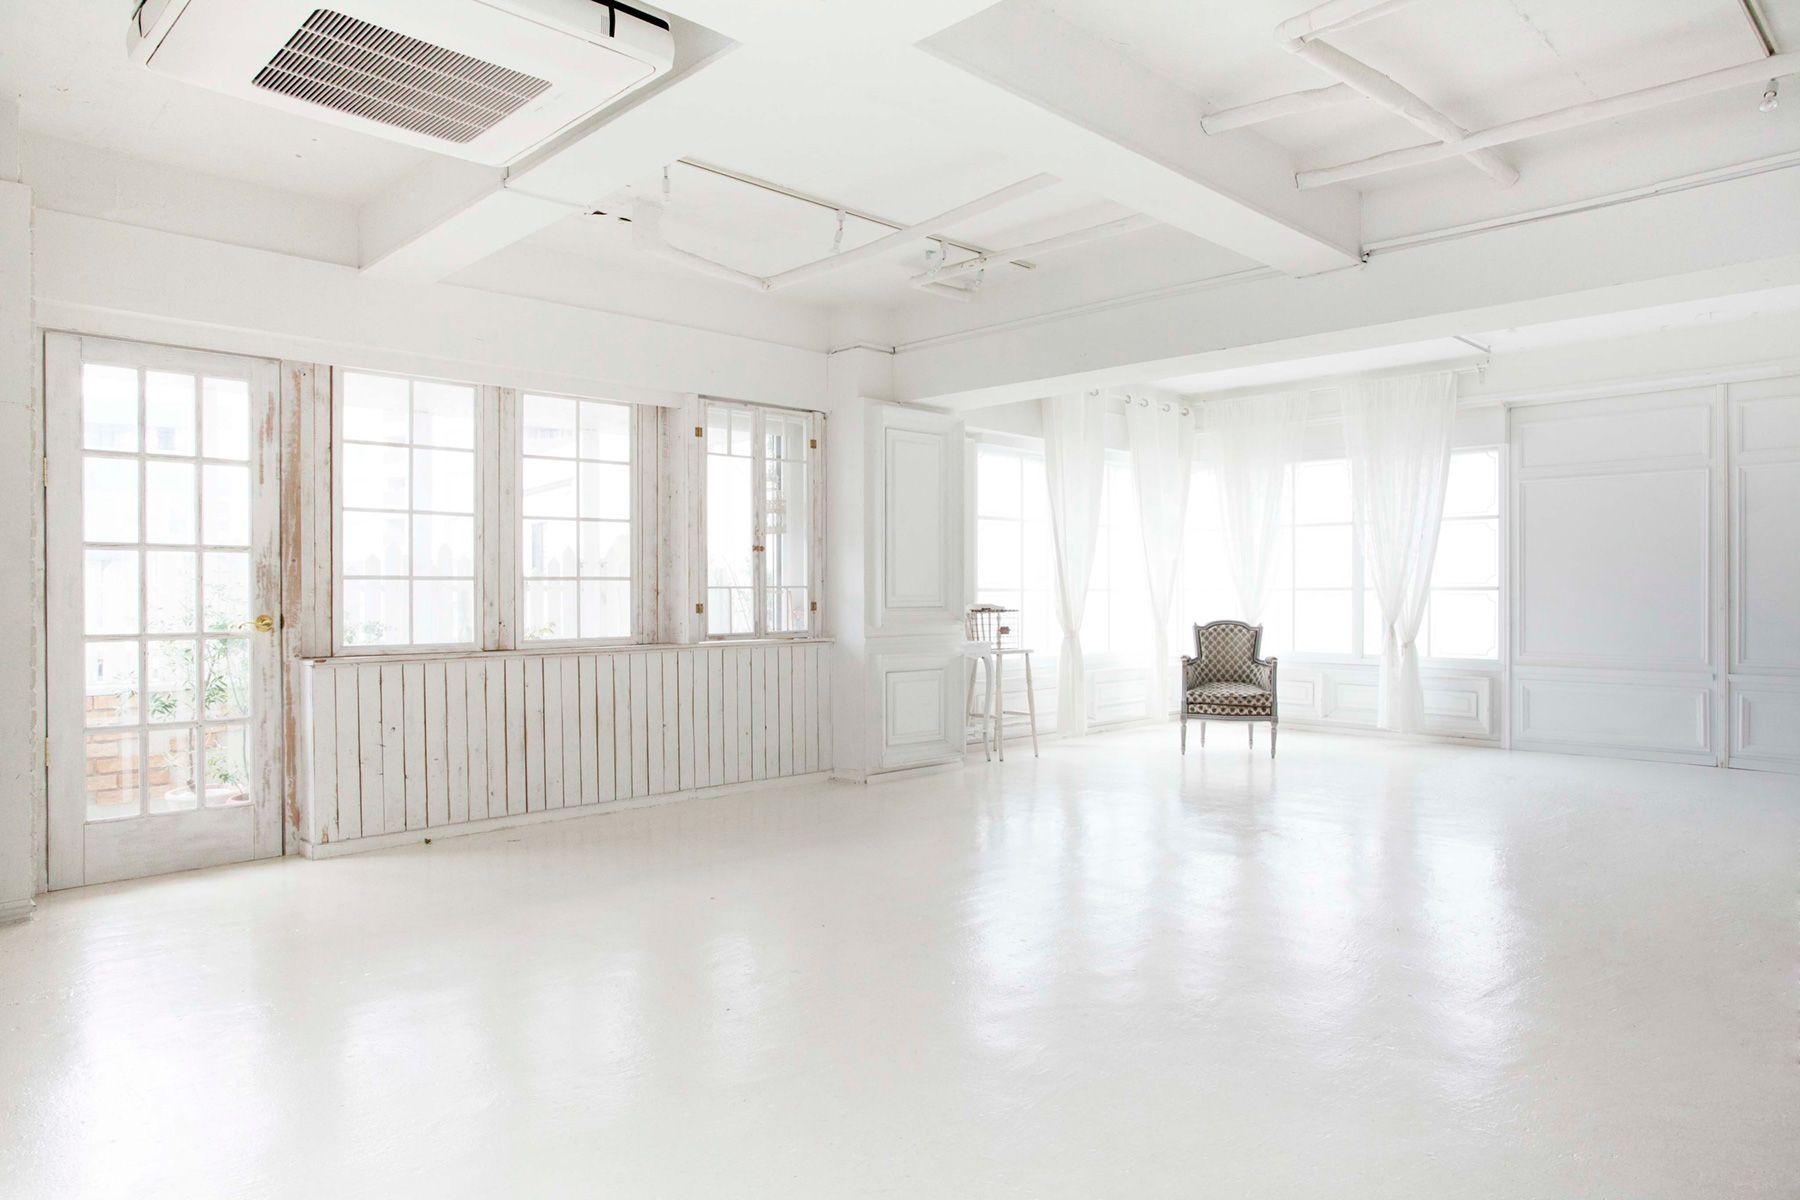 studio Mired (スタジオ ミレッド)自然光で明るい